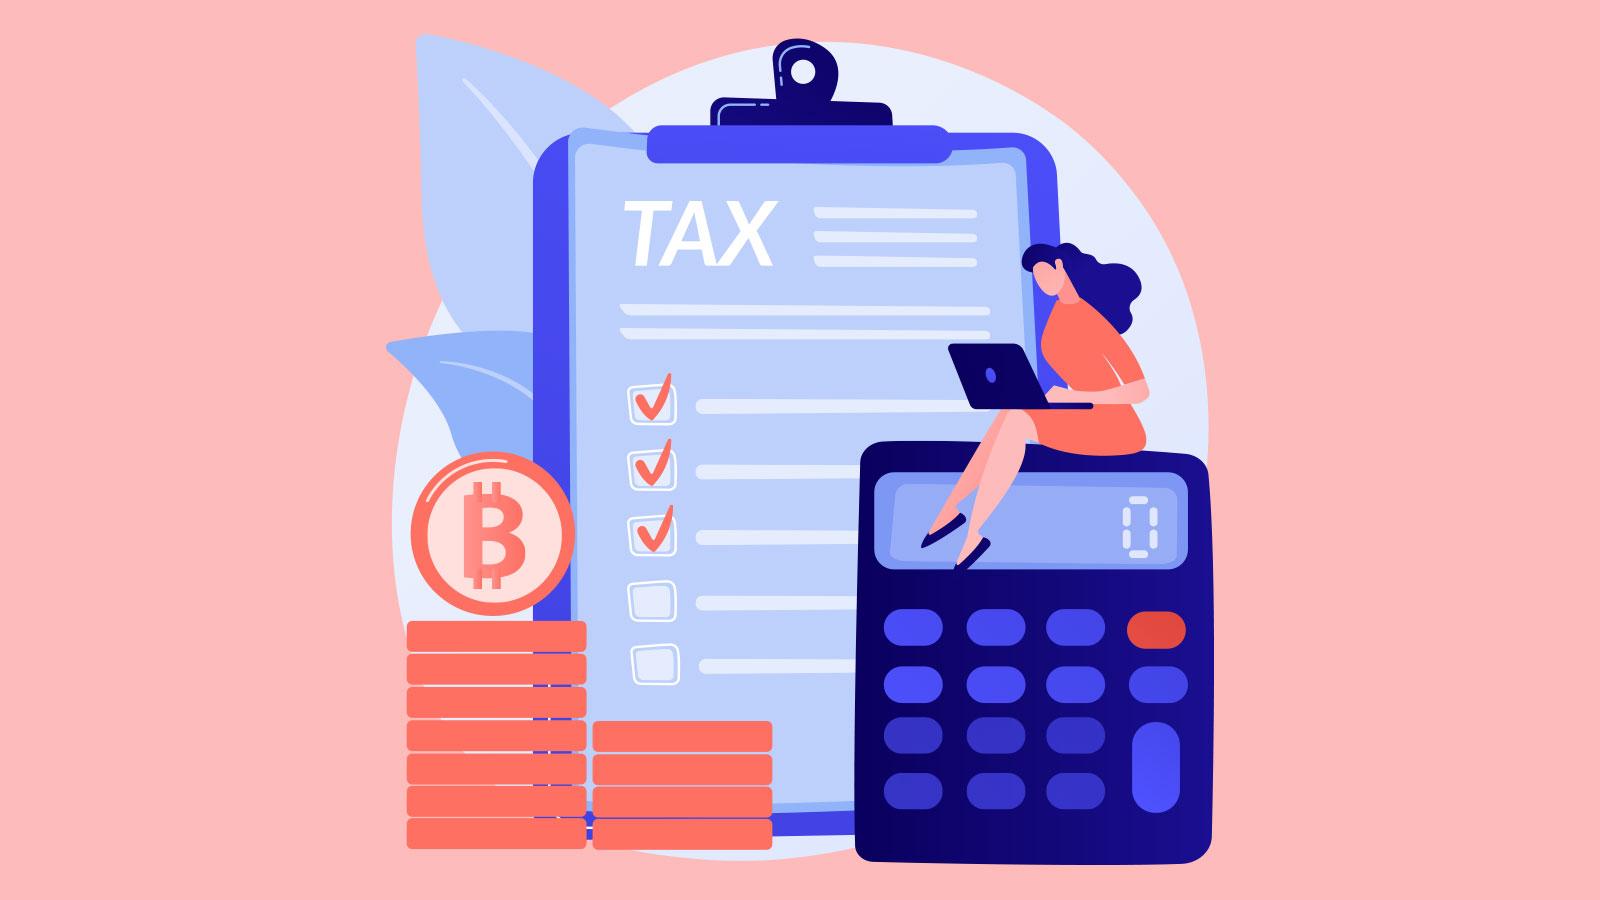 【仮想通貨の確定申告】税金の計算方法など投資する前に知らないと困る基礎知識